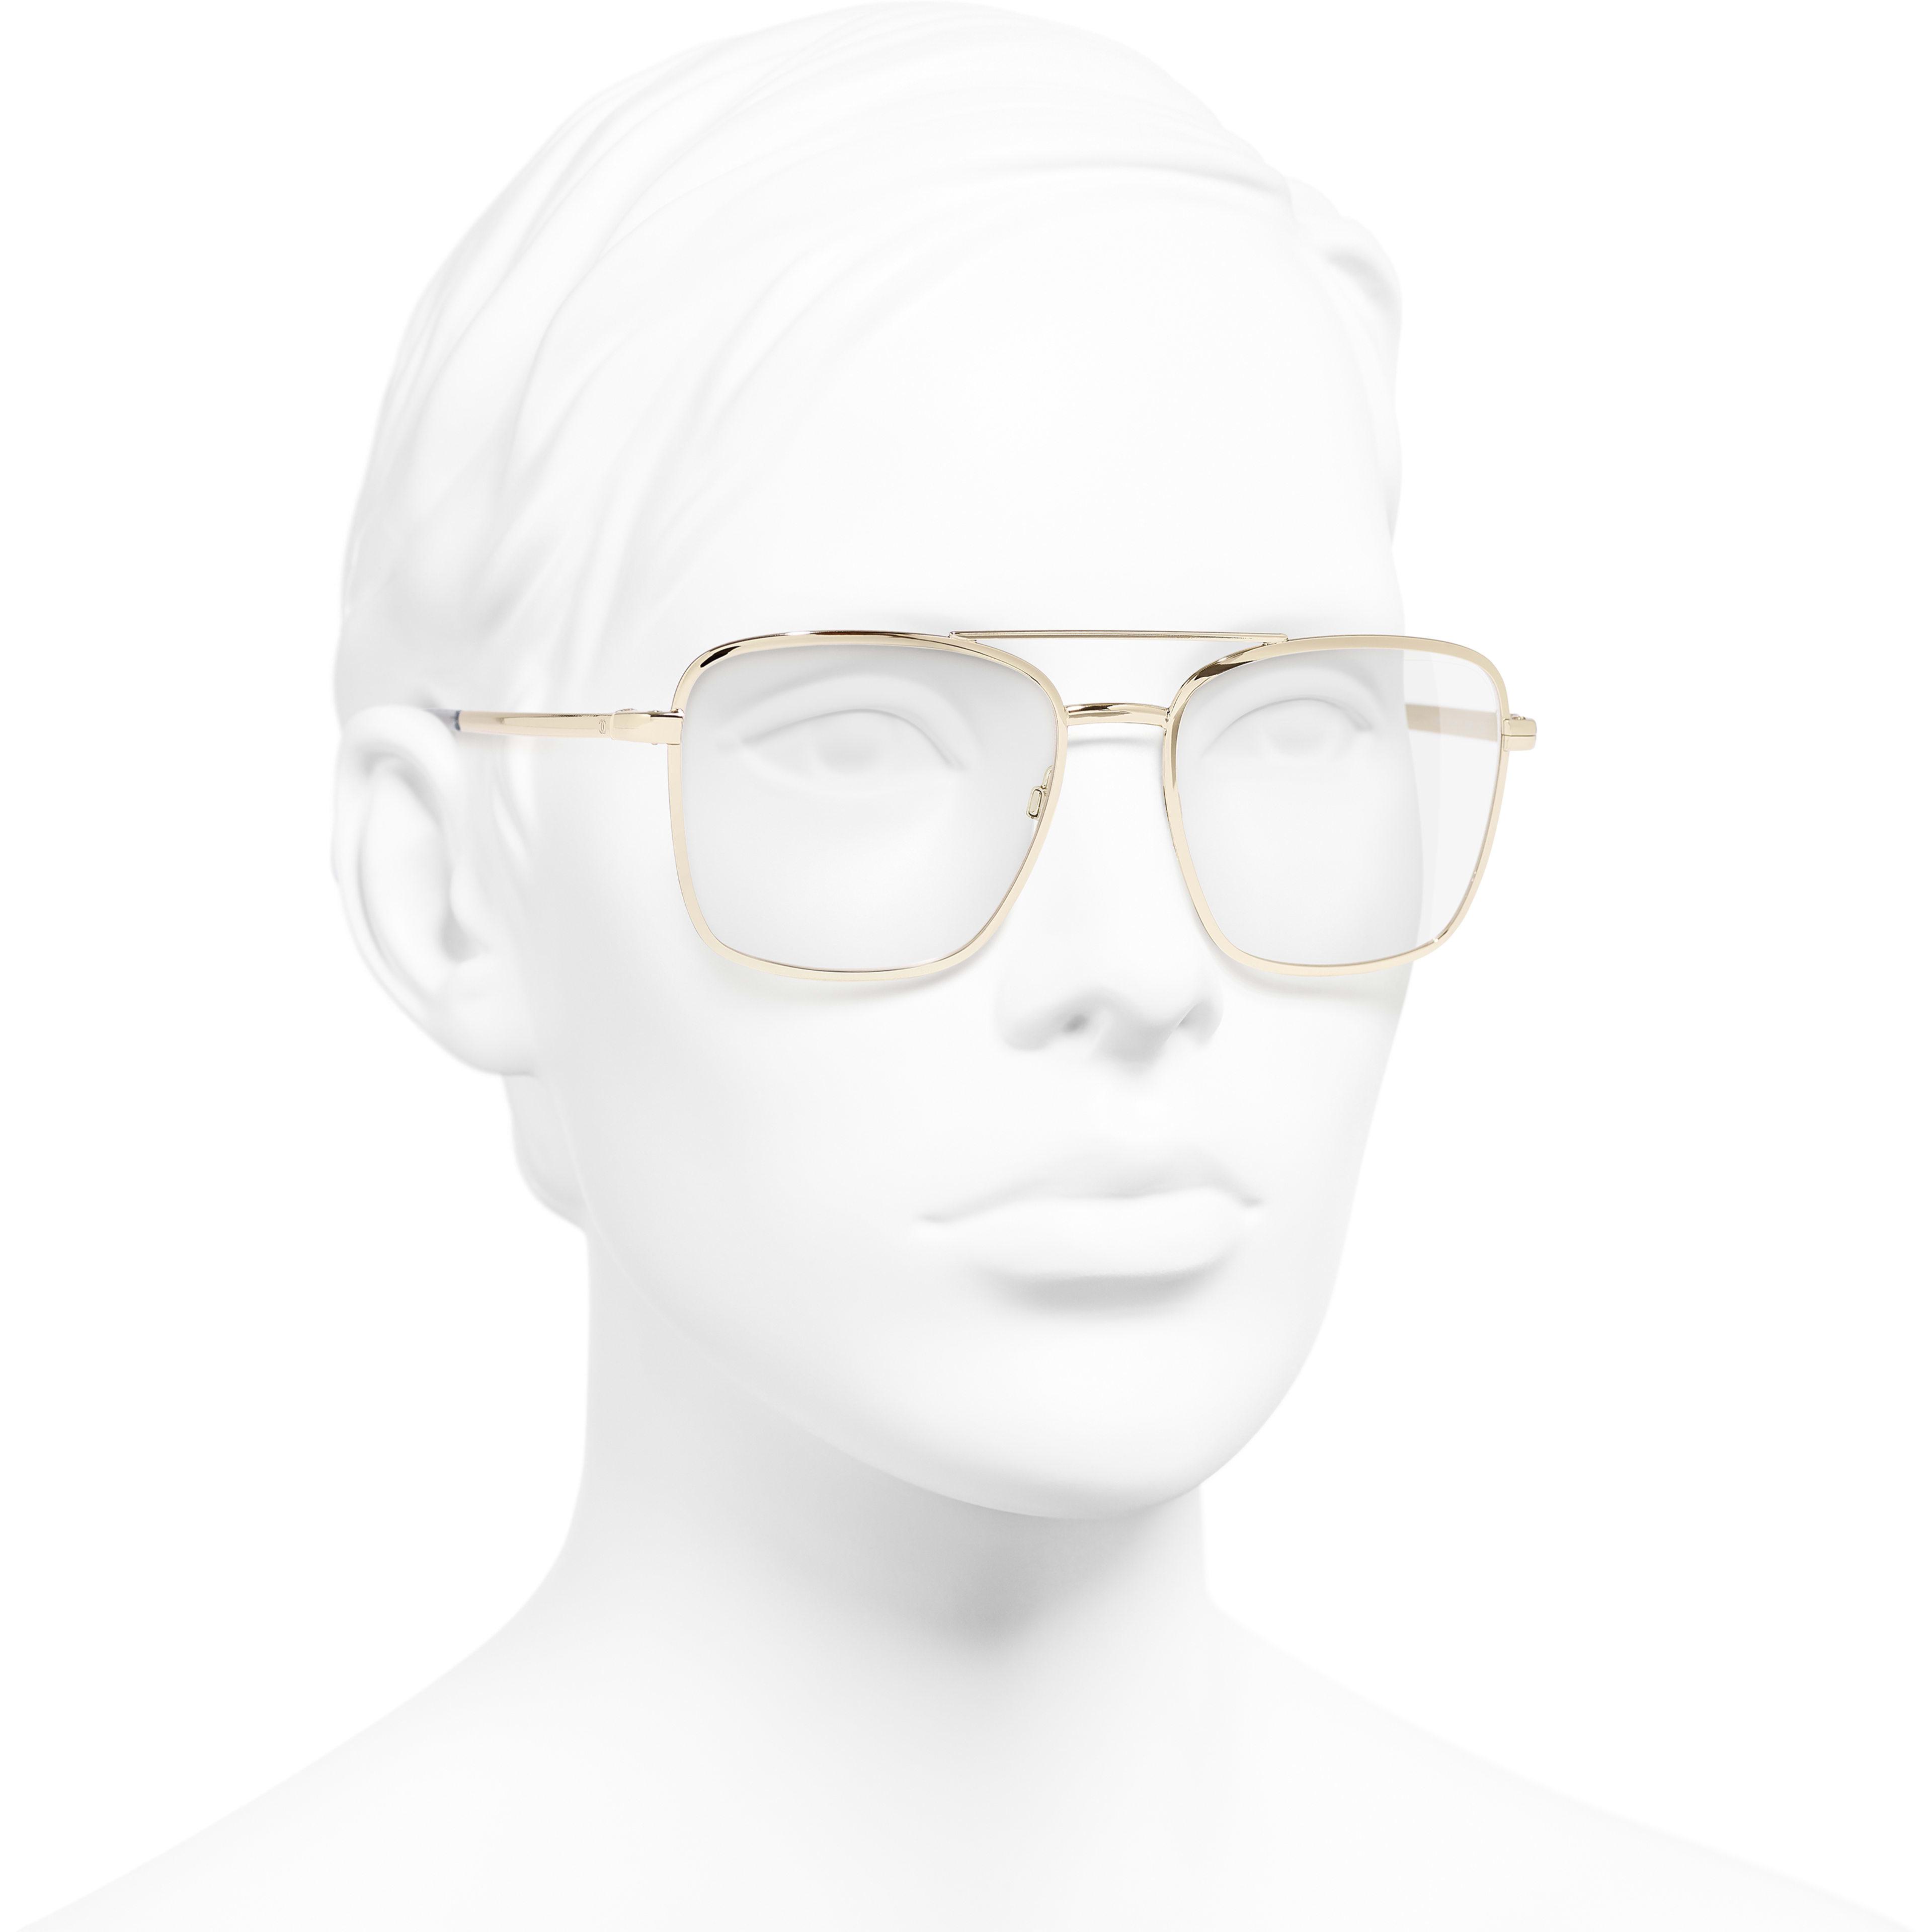 Pilotenbrille - Goldfarben - Metall - 3/4-Ansicht - Standardgröße anzeigen